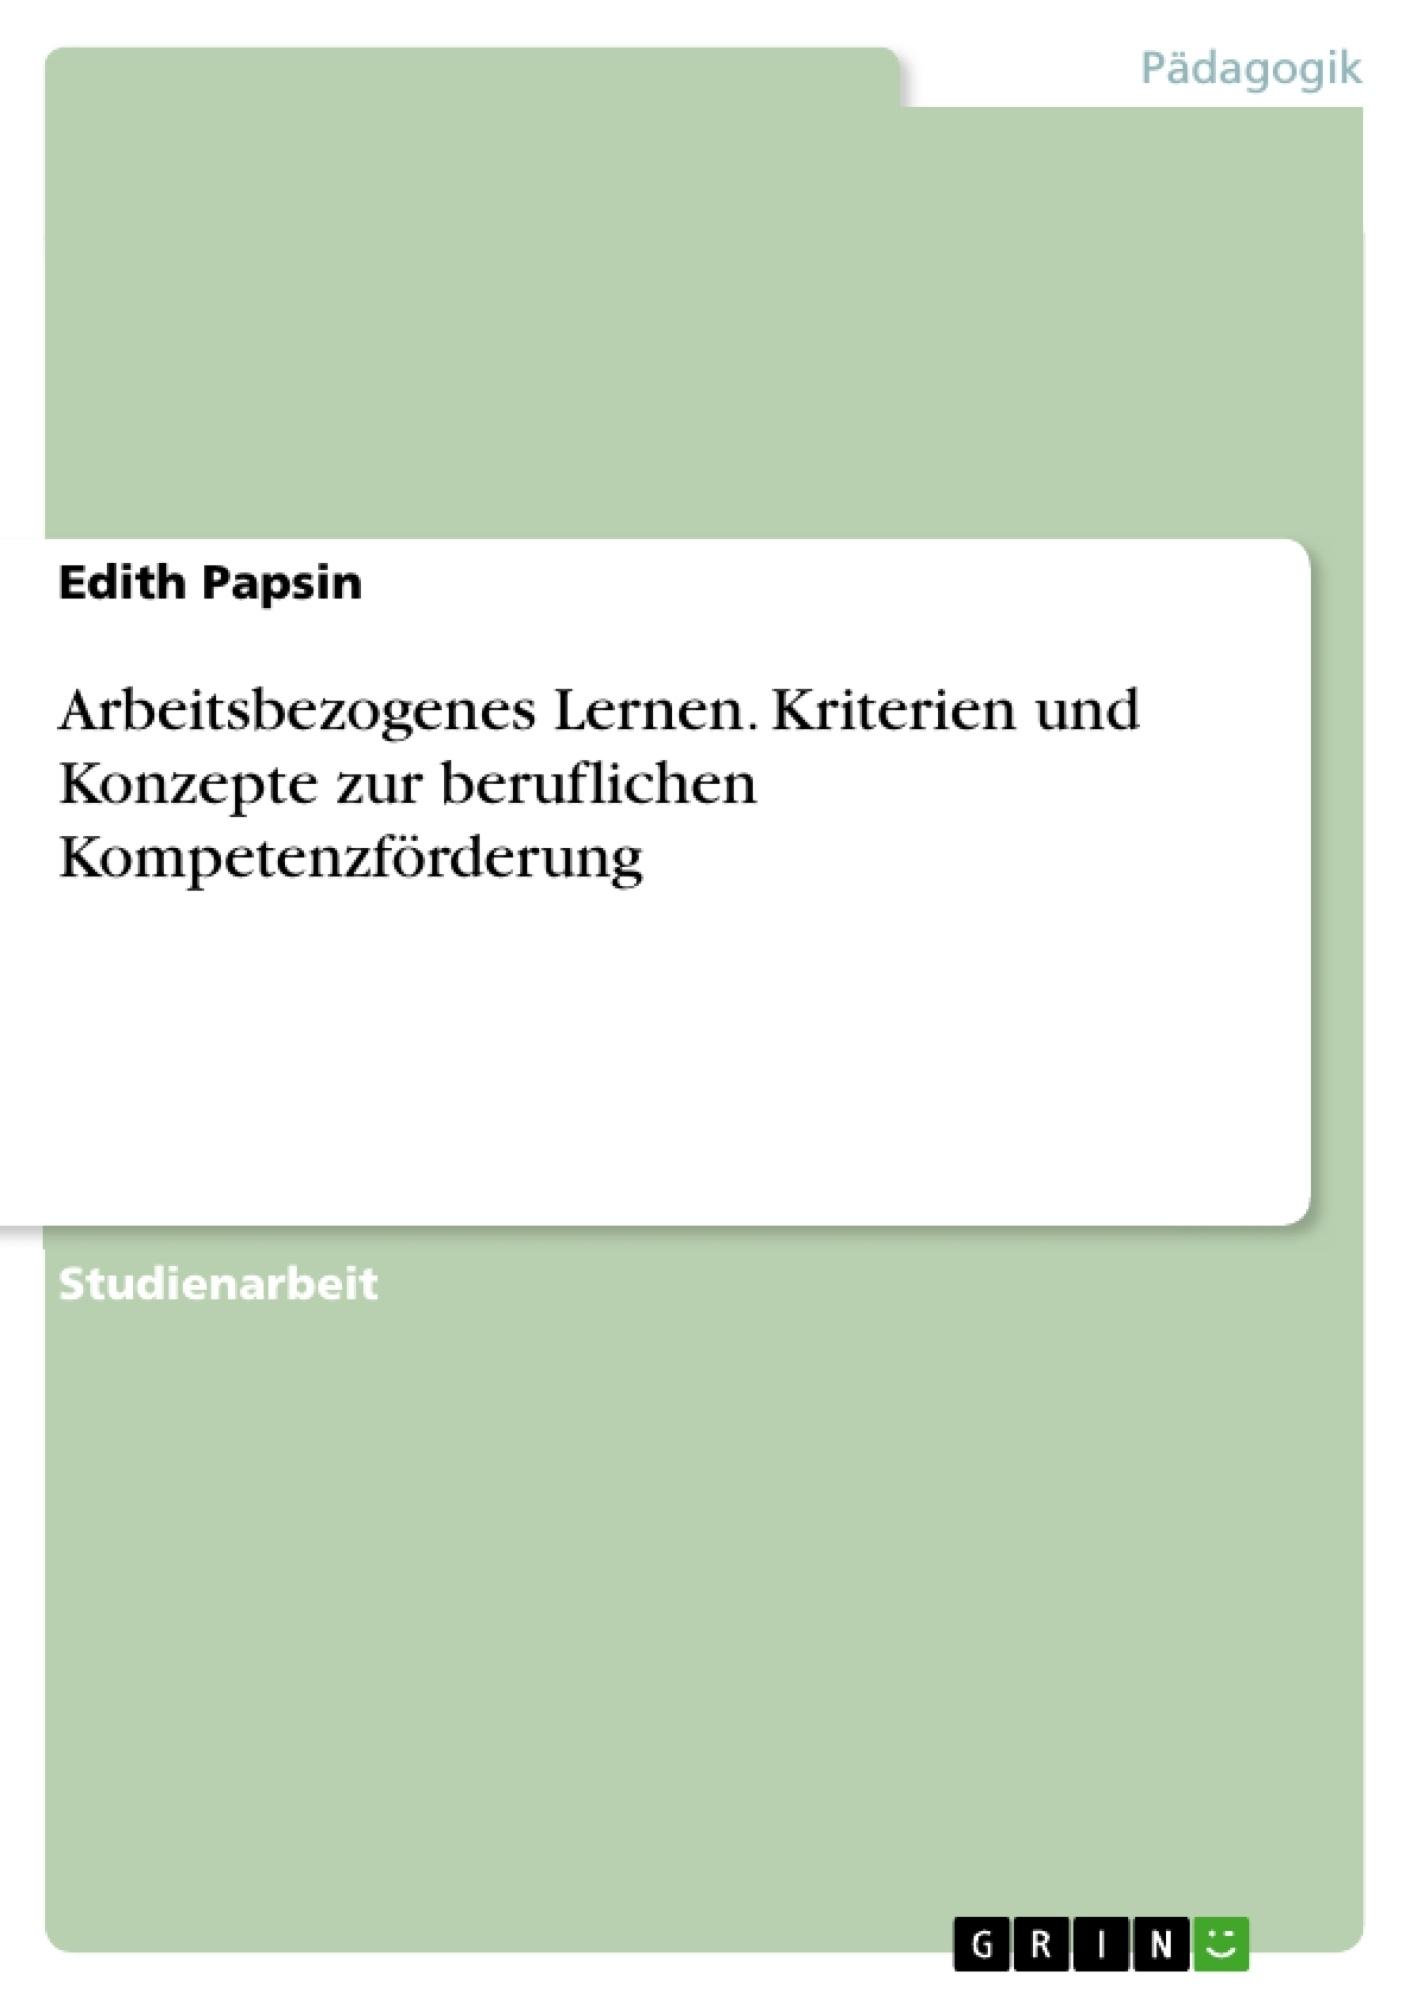 Titel: Arbeitsbezogenes Lernen. Kriterien und Konzepte zur beruflichen Kompetenzförderung